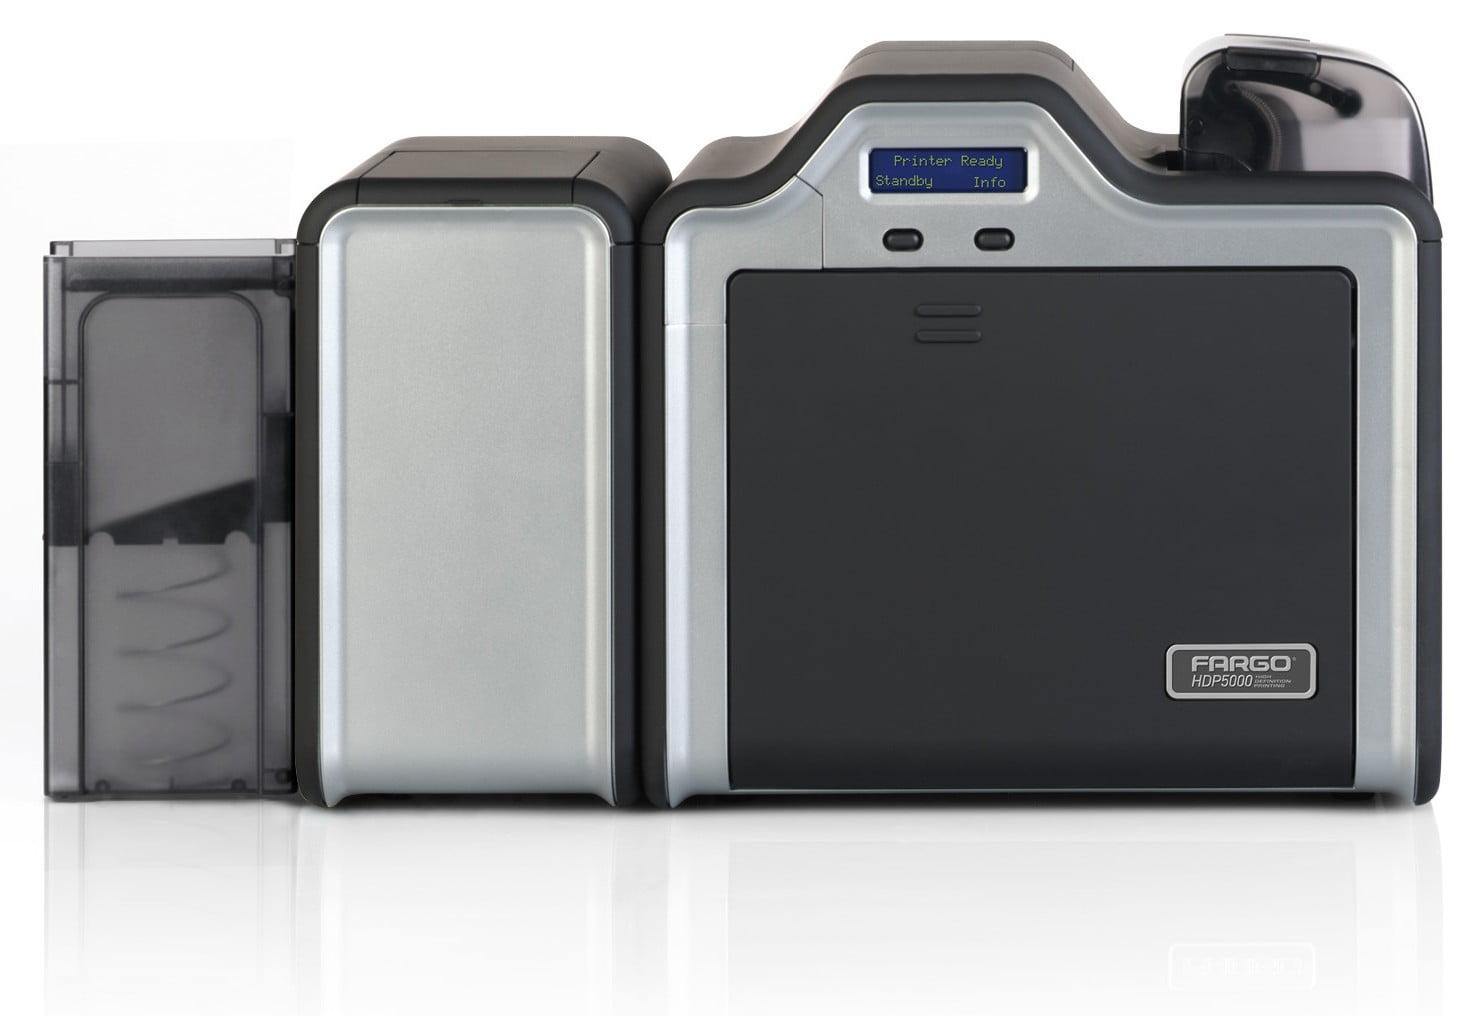 Impressora de Cartão PVC Fargo HDP5000 Dual Side - F89003